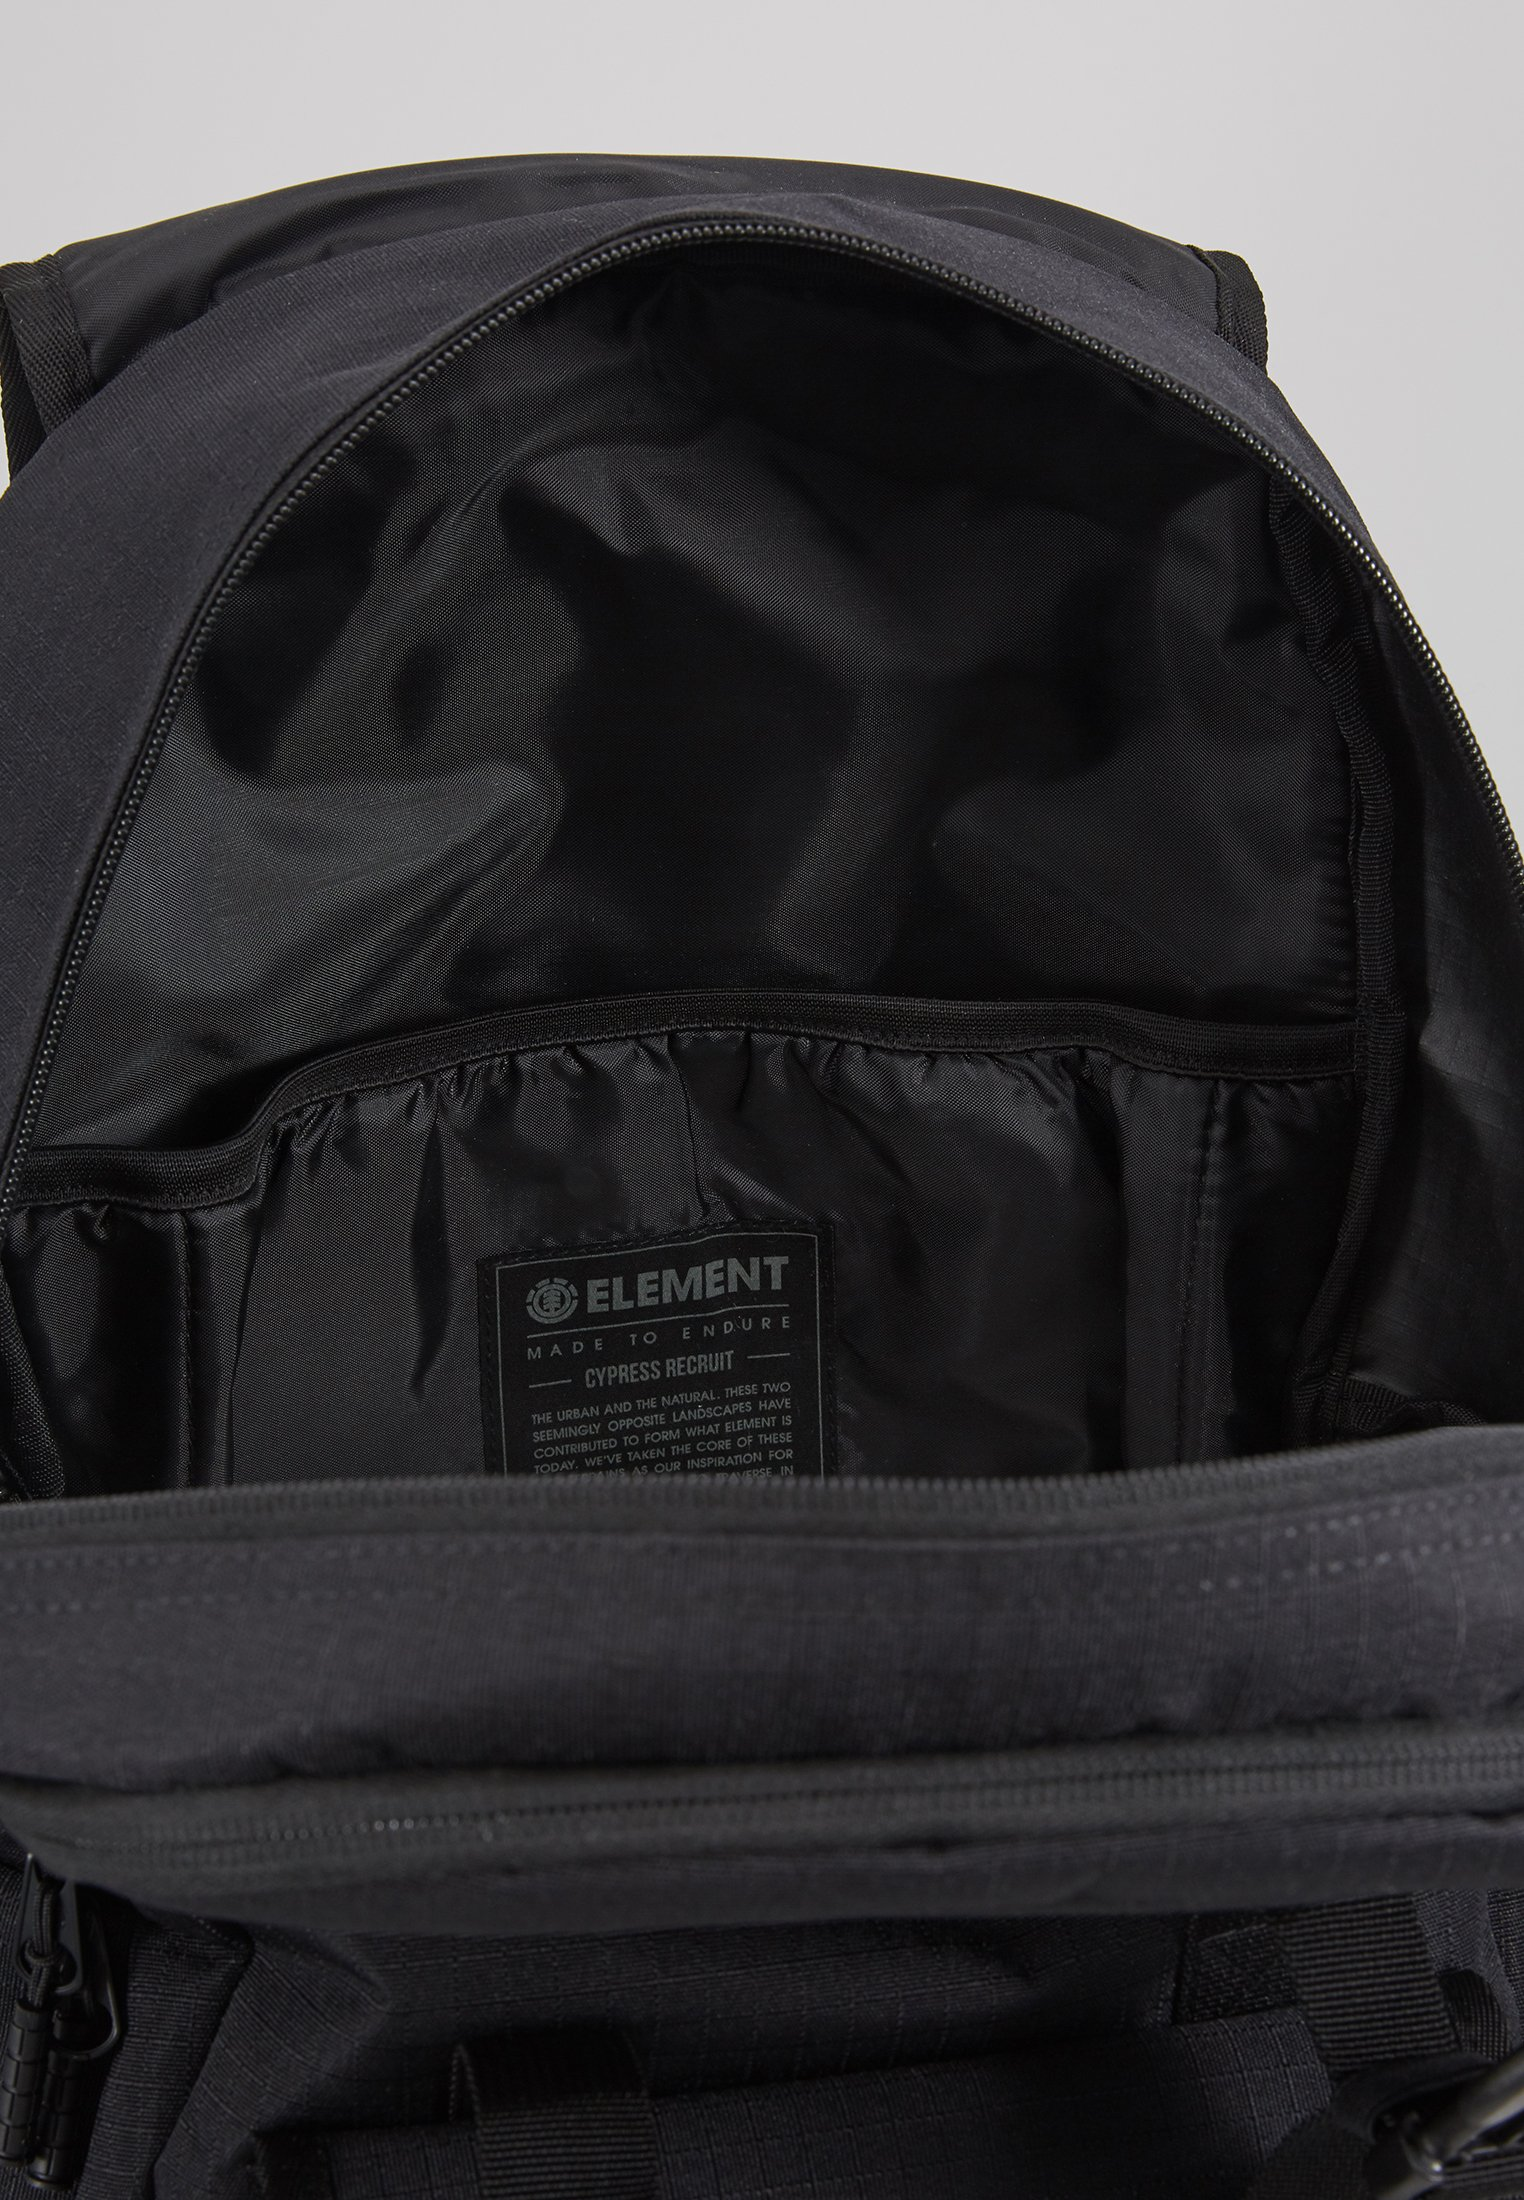 Element CYPRESS RECRUIT - Tagesrucksack - all black/schwarz - Herrentaschen C2d5m